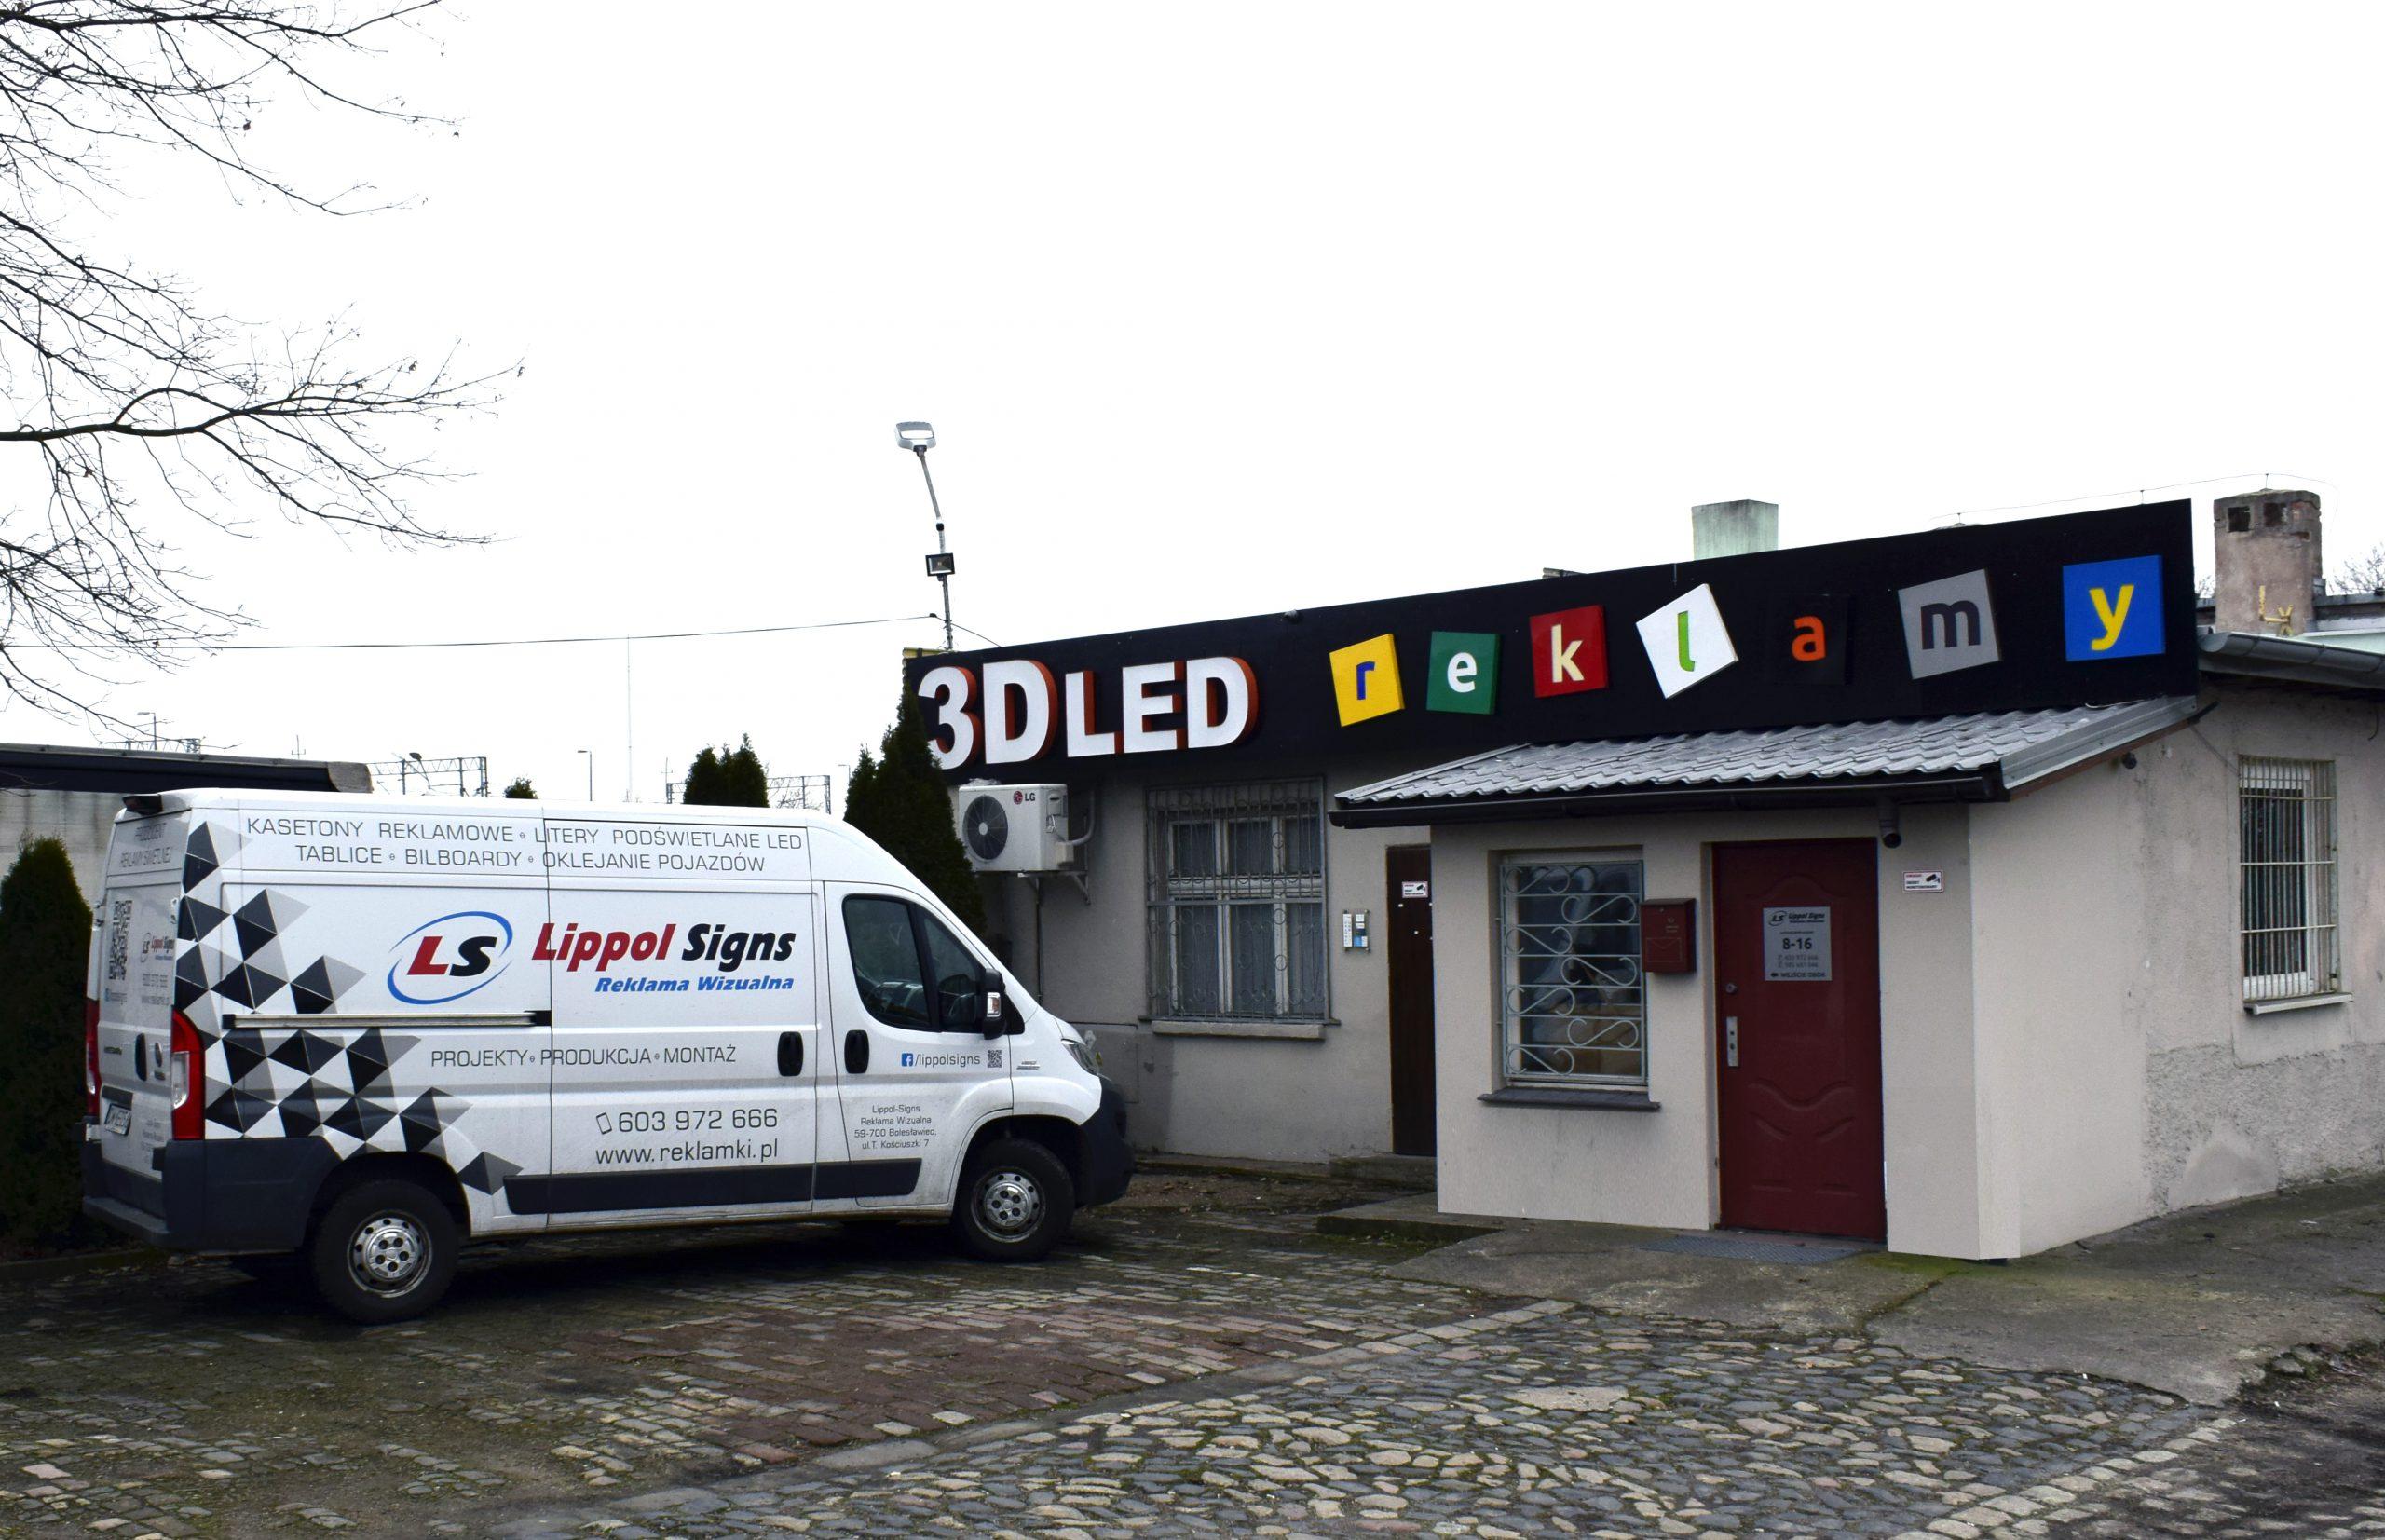 Siedziba firmy Lippol-Signs Reklama Wizualna